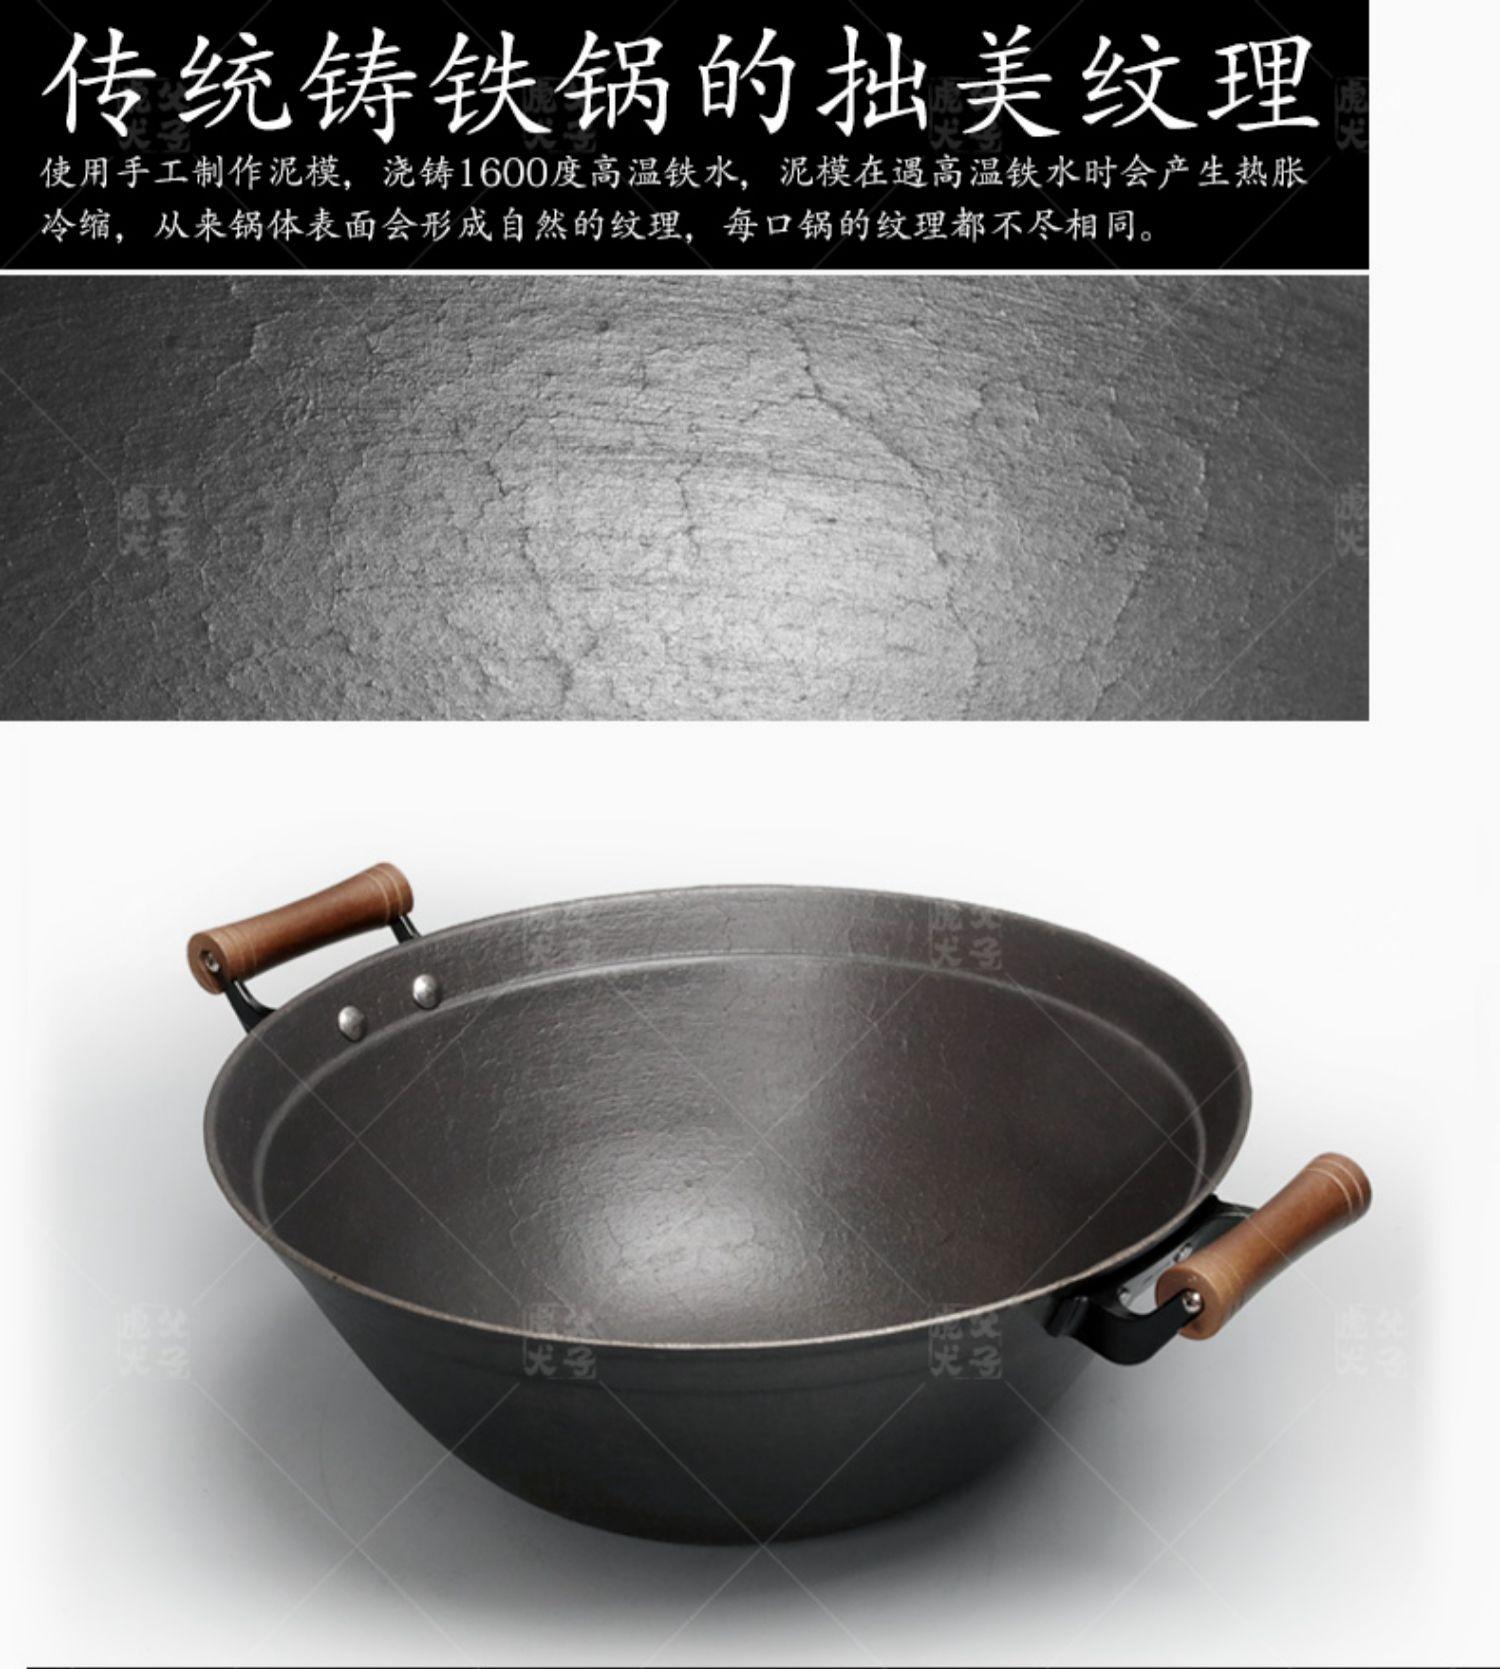 滕州铁锅双耳铸铁锅老式手工炒菜锅家用圆底炒锅无涂层加厚生铁锅商品详情图